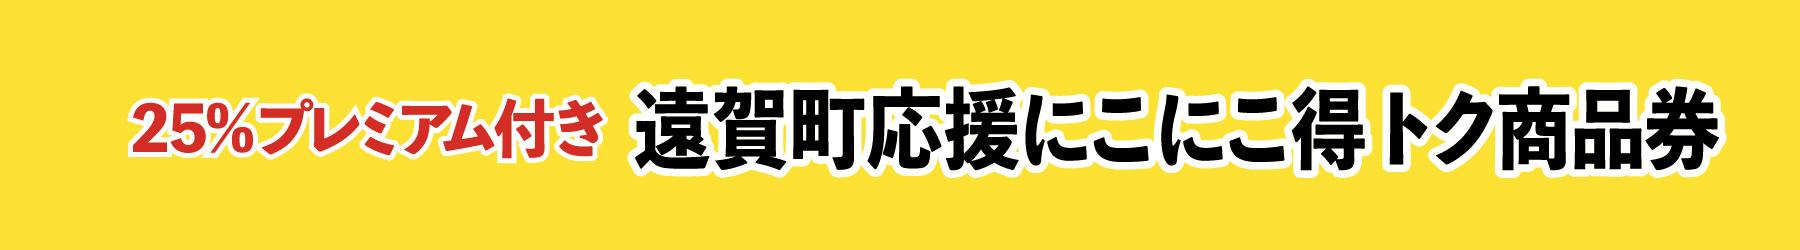 tokutoku-100